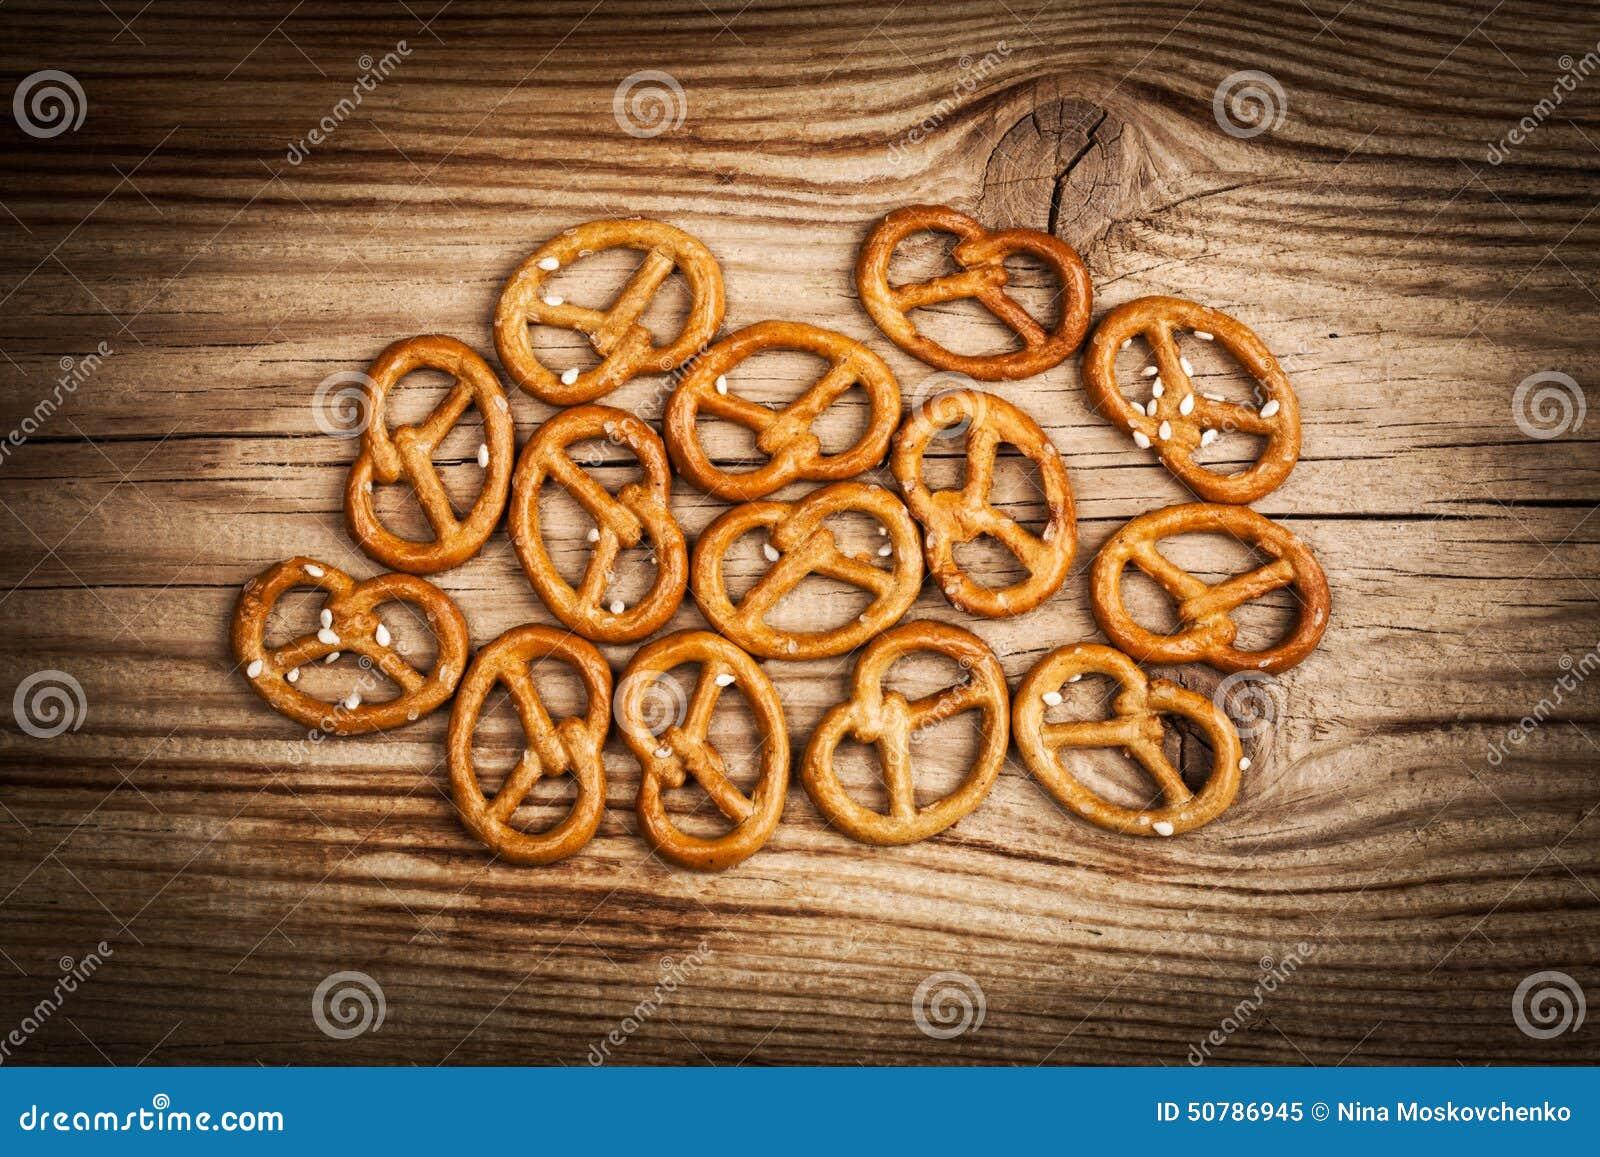 Petiscos salgados do pretzel